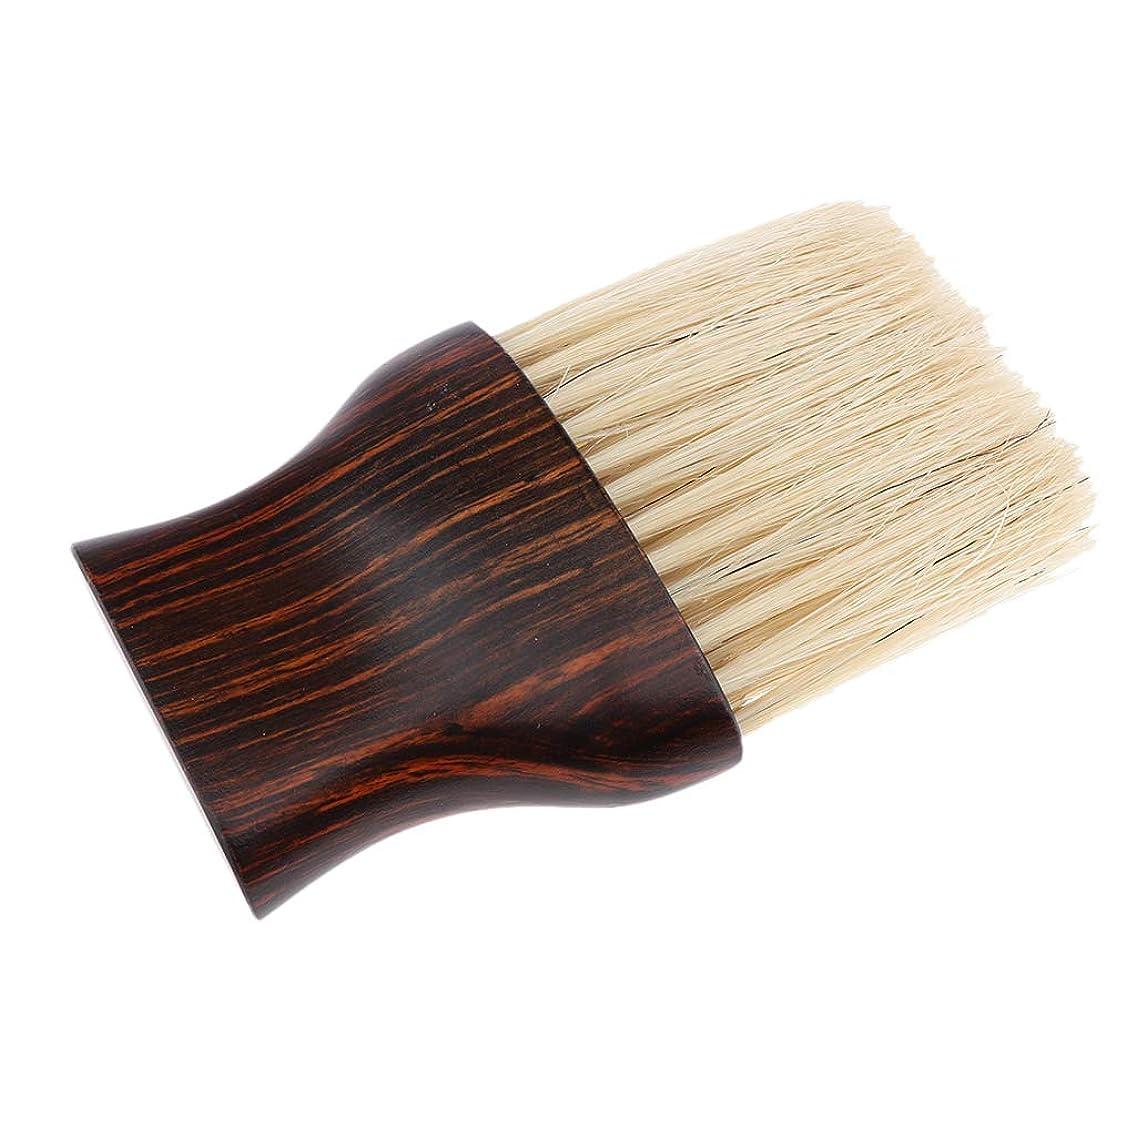 宣言決定のどSharplace 理髪 ネック フェイス ダスターブラシ ヘアカット ヘアブラシ プロ ヘアサロン